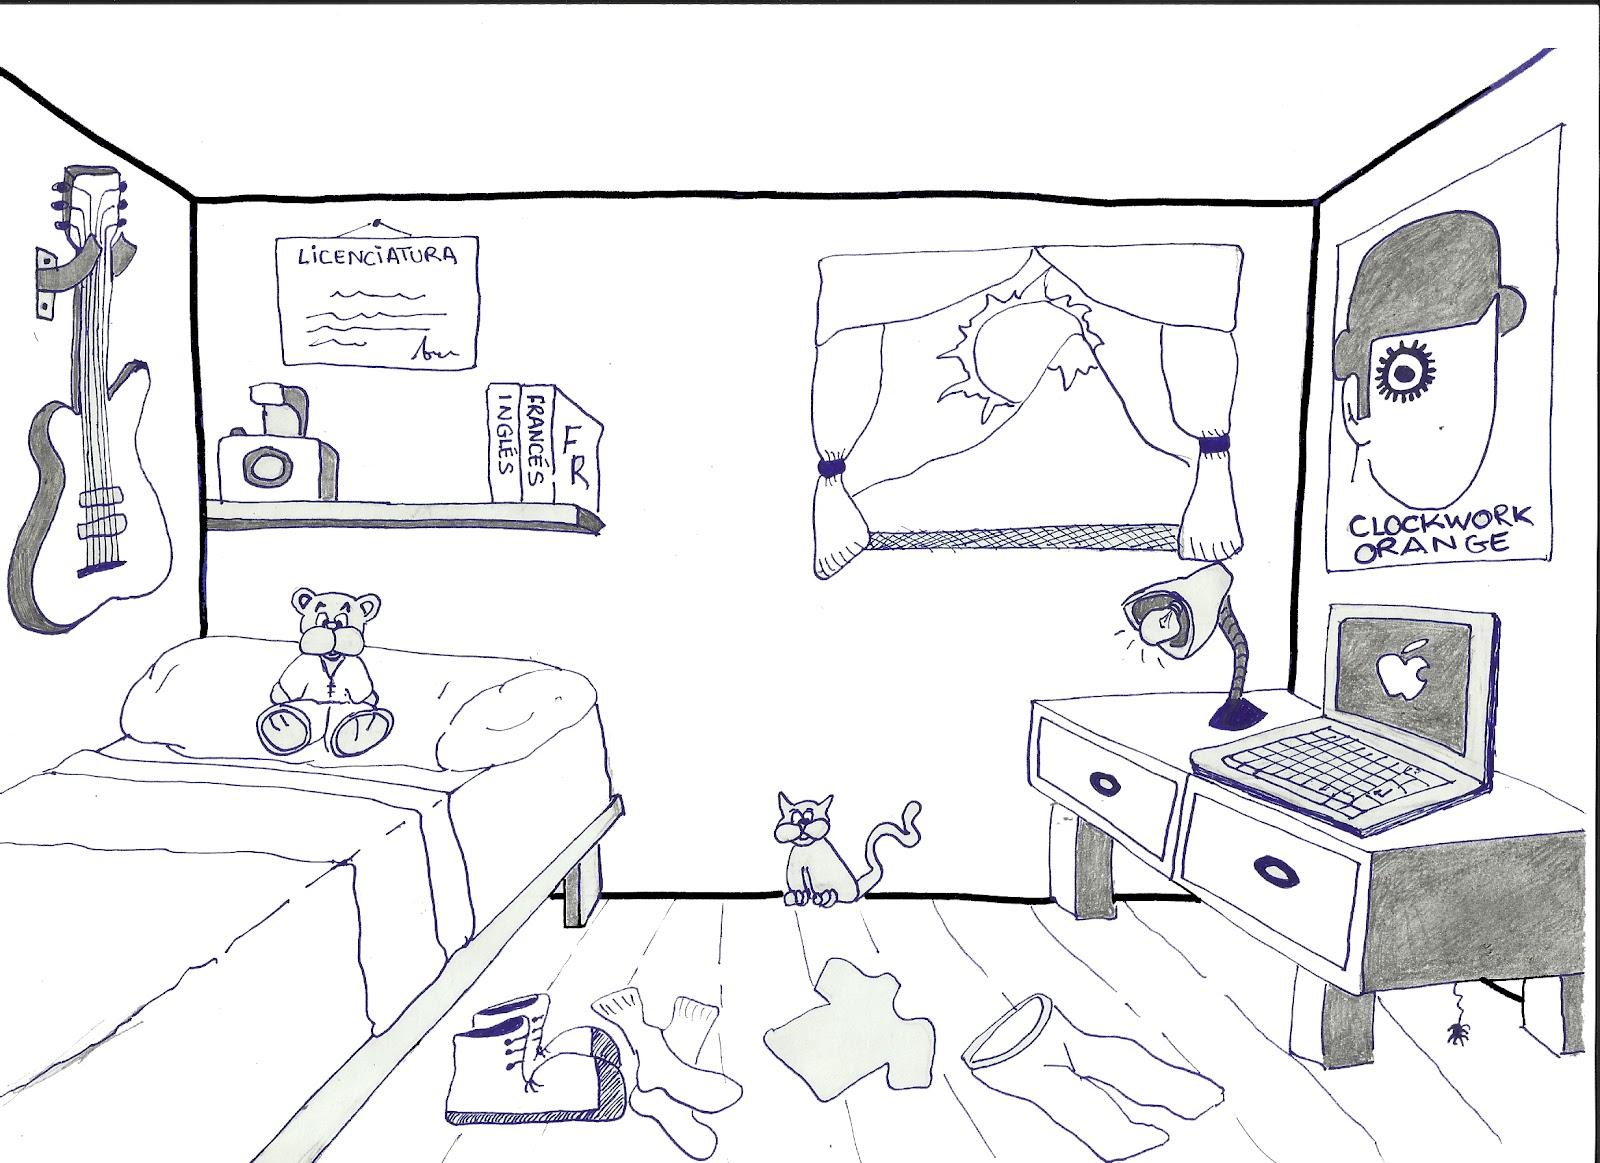 Dormitorio Dibujo ~ Dibujo de un dormitorio Imagui